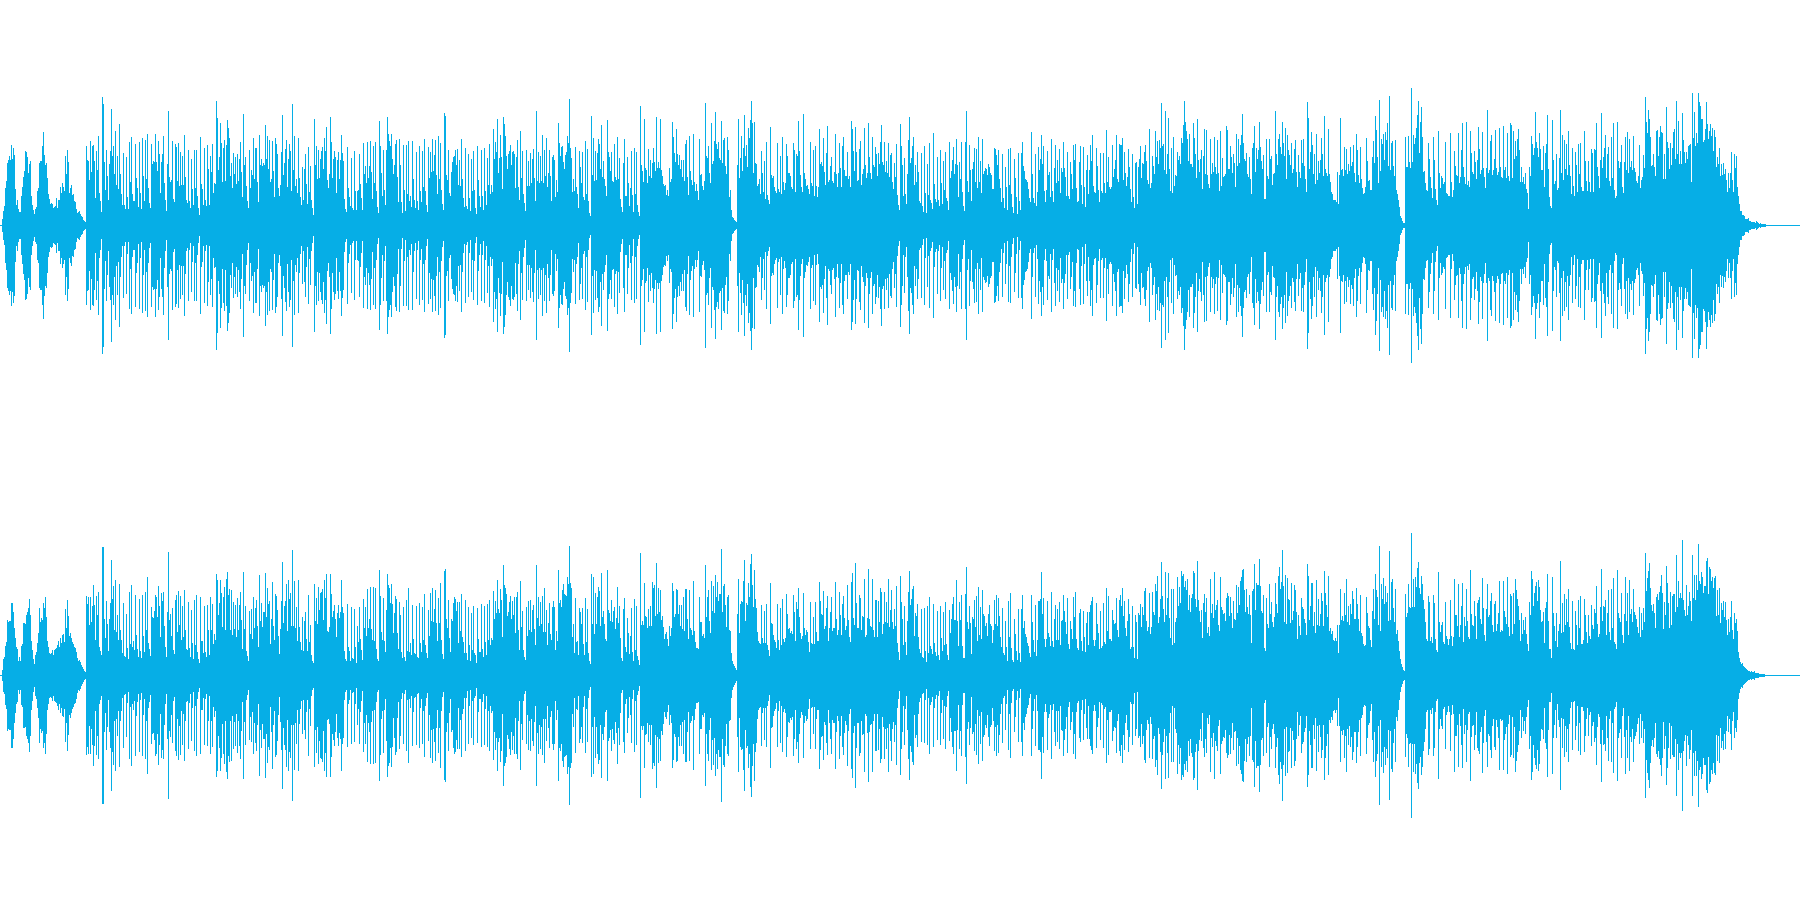 オリエンタル・ムードのポップスの再生済みの波形